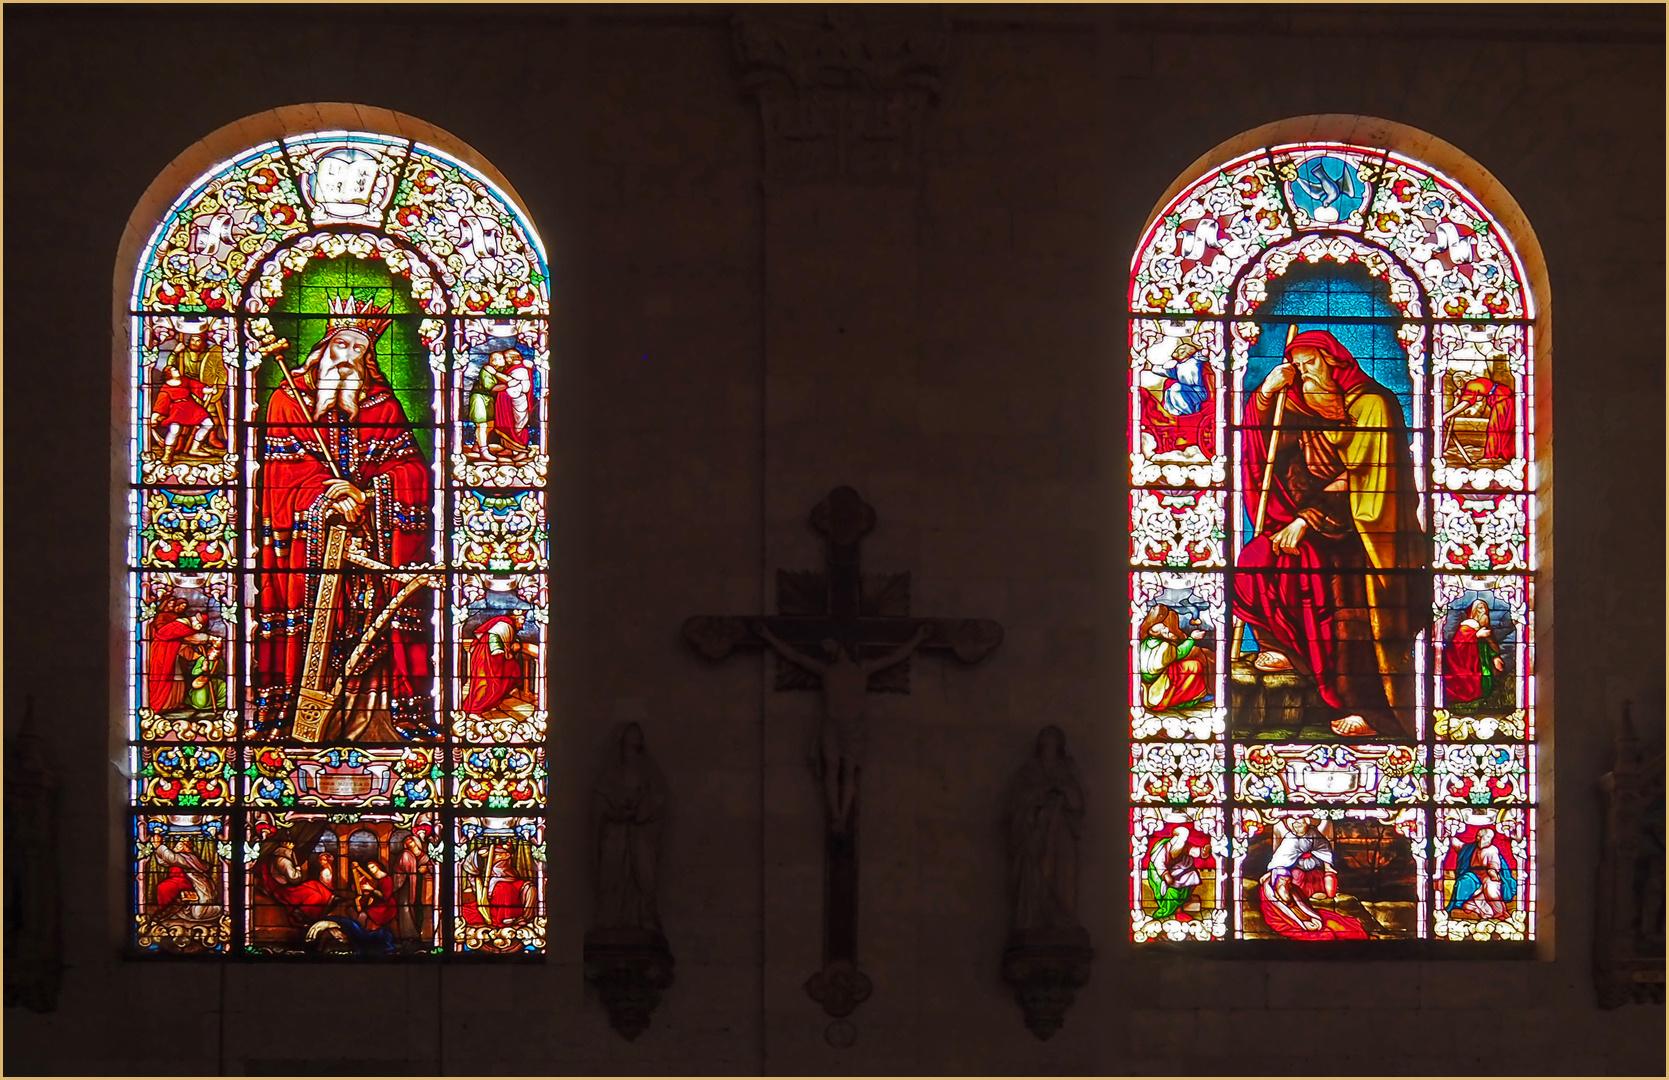 Vitraux de l'Eglise Saint-Nicolas de Nérac